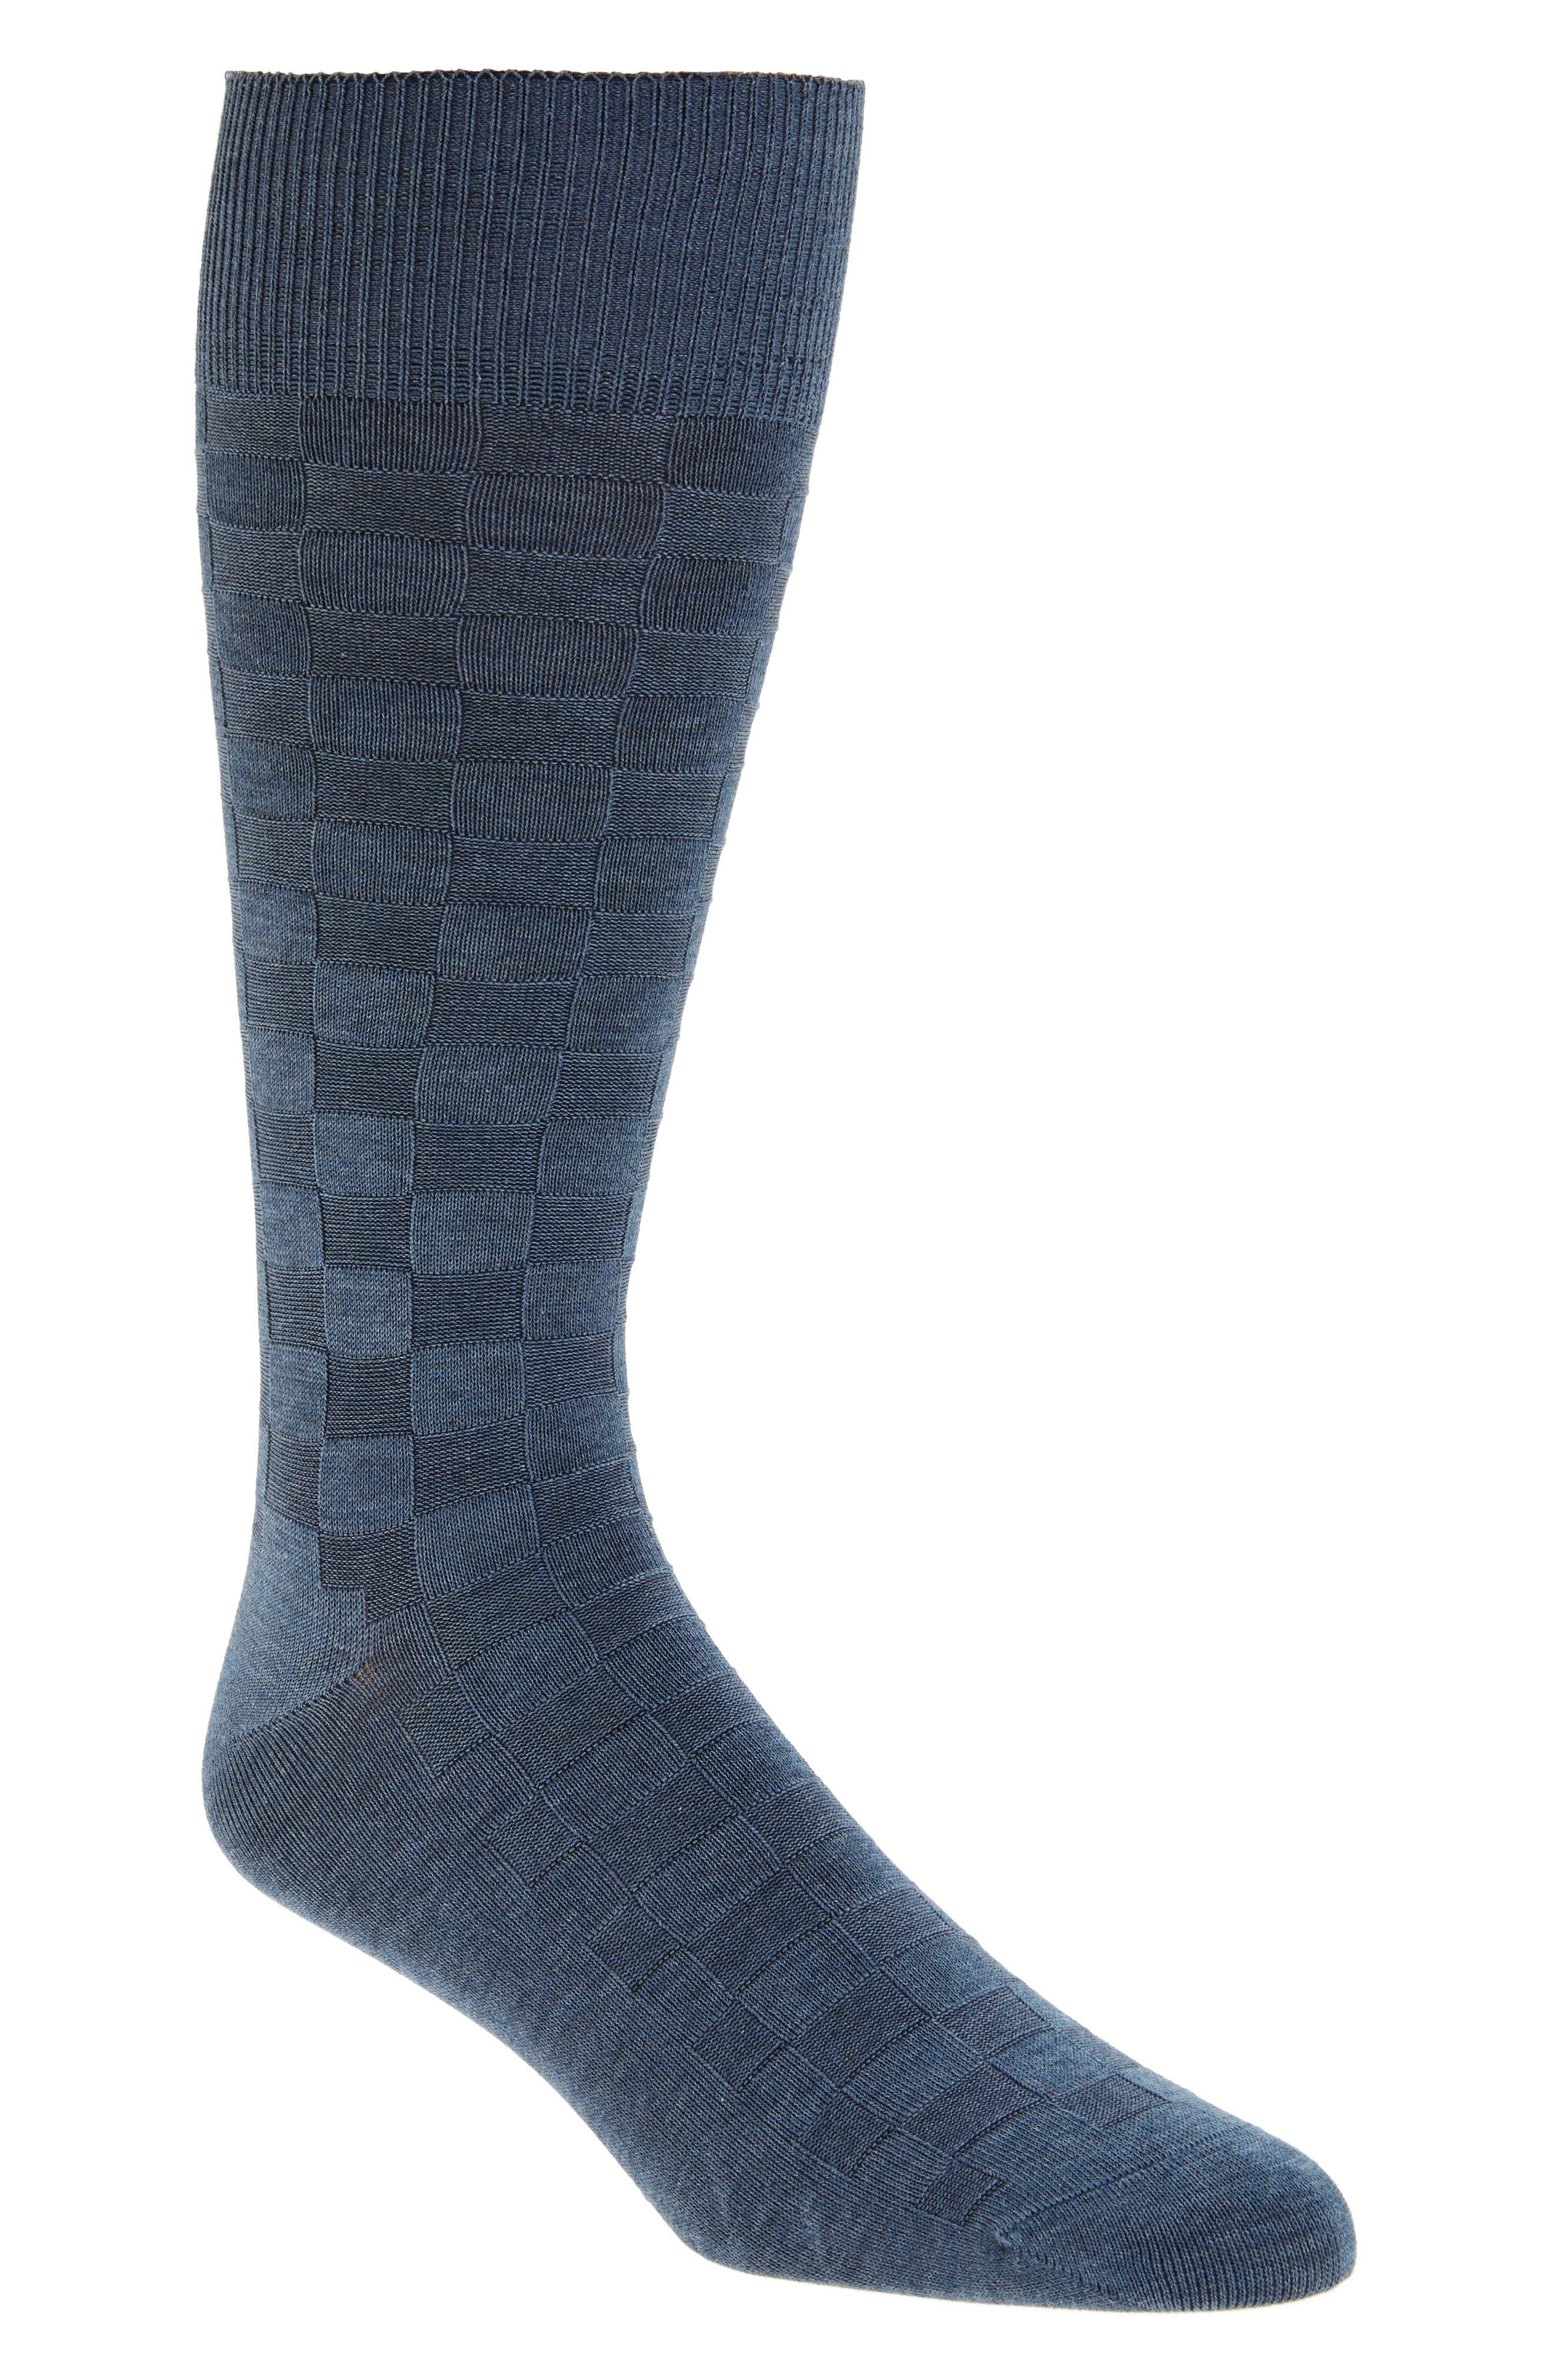 Main Image - Calibrate Grid Socks